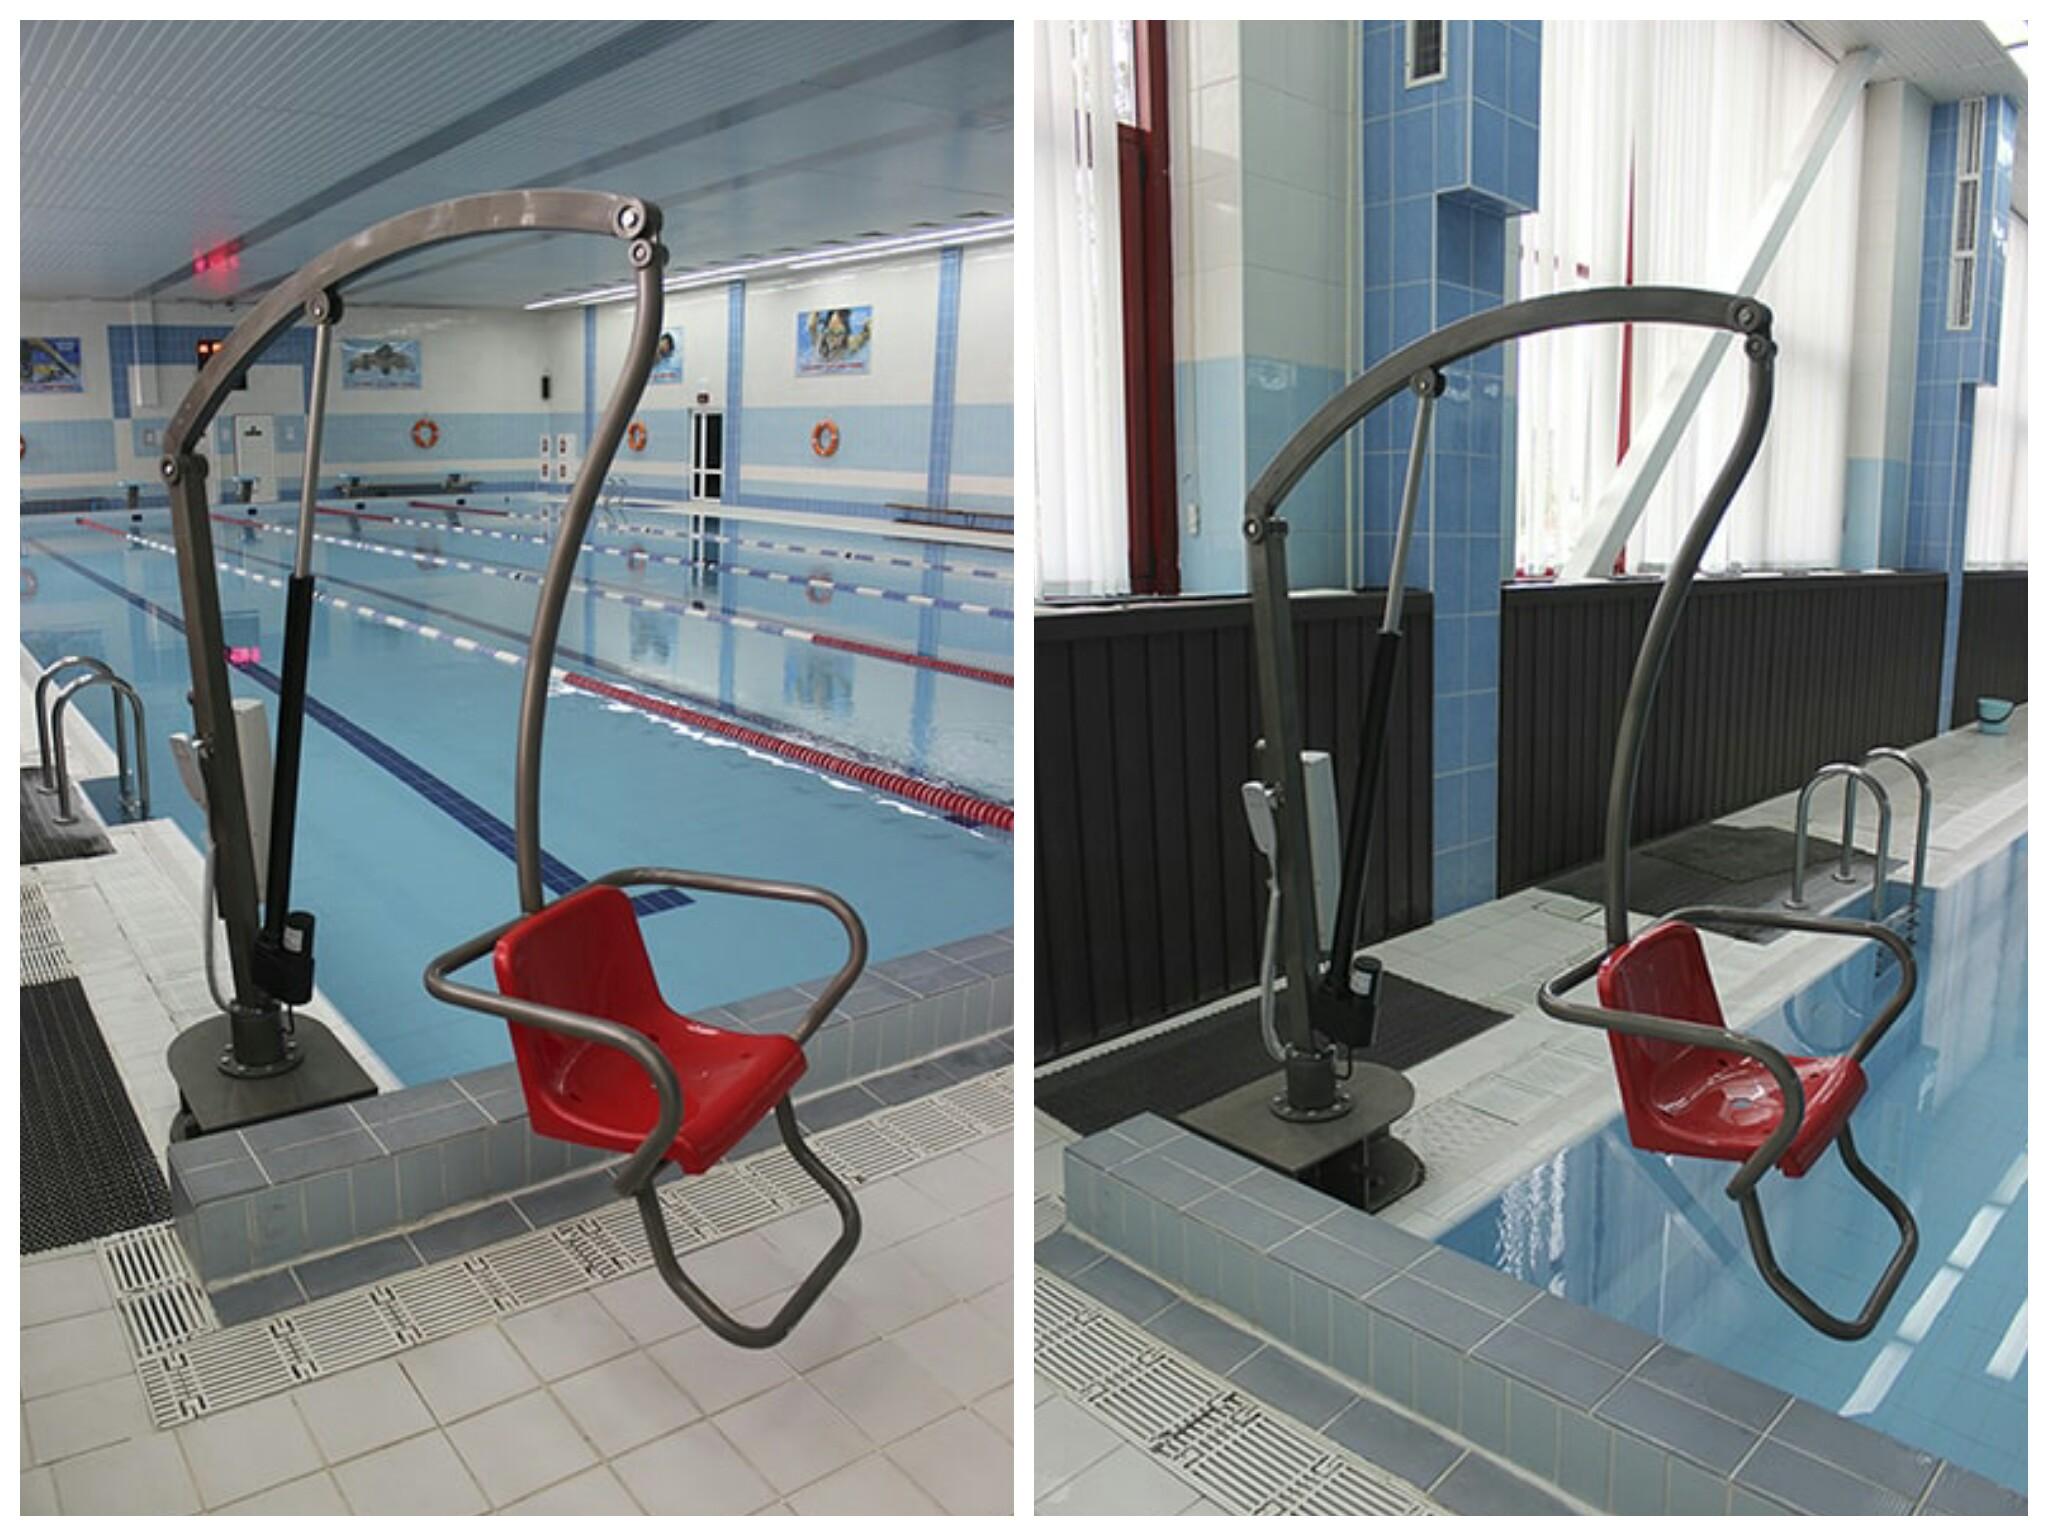 «Могилевлифтмаш» представил подъемник в бассейн для людей с инвалидностью